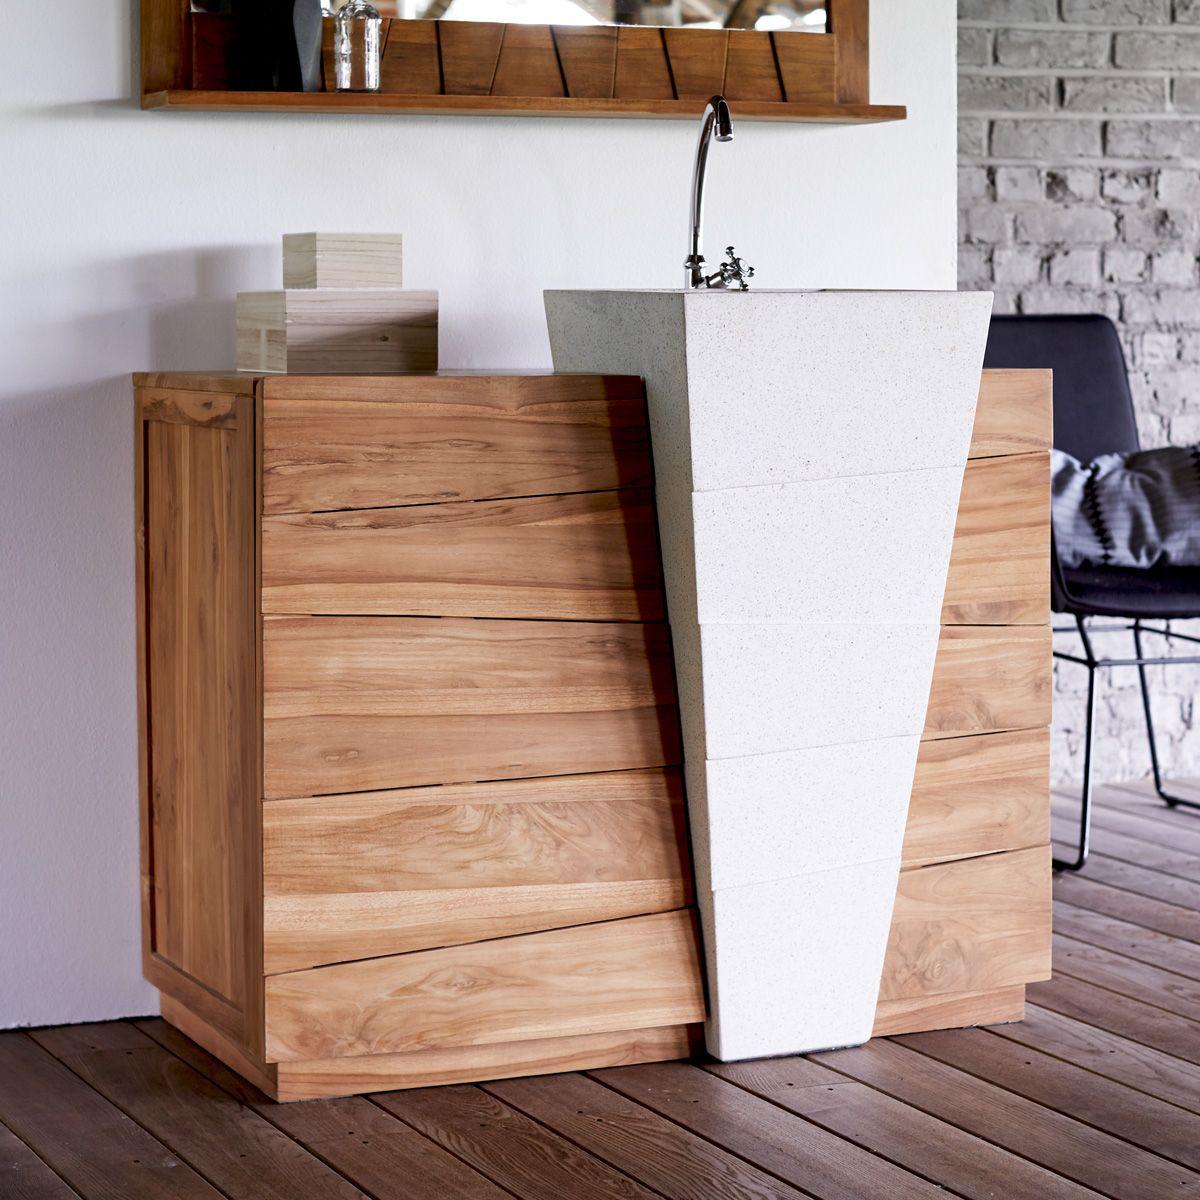 Teak Badmöbel badmöbel aus teak mit waschbecken 100 icone badmoebel waschbecken